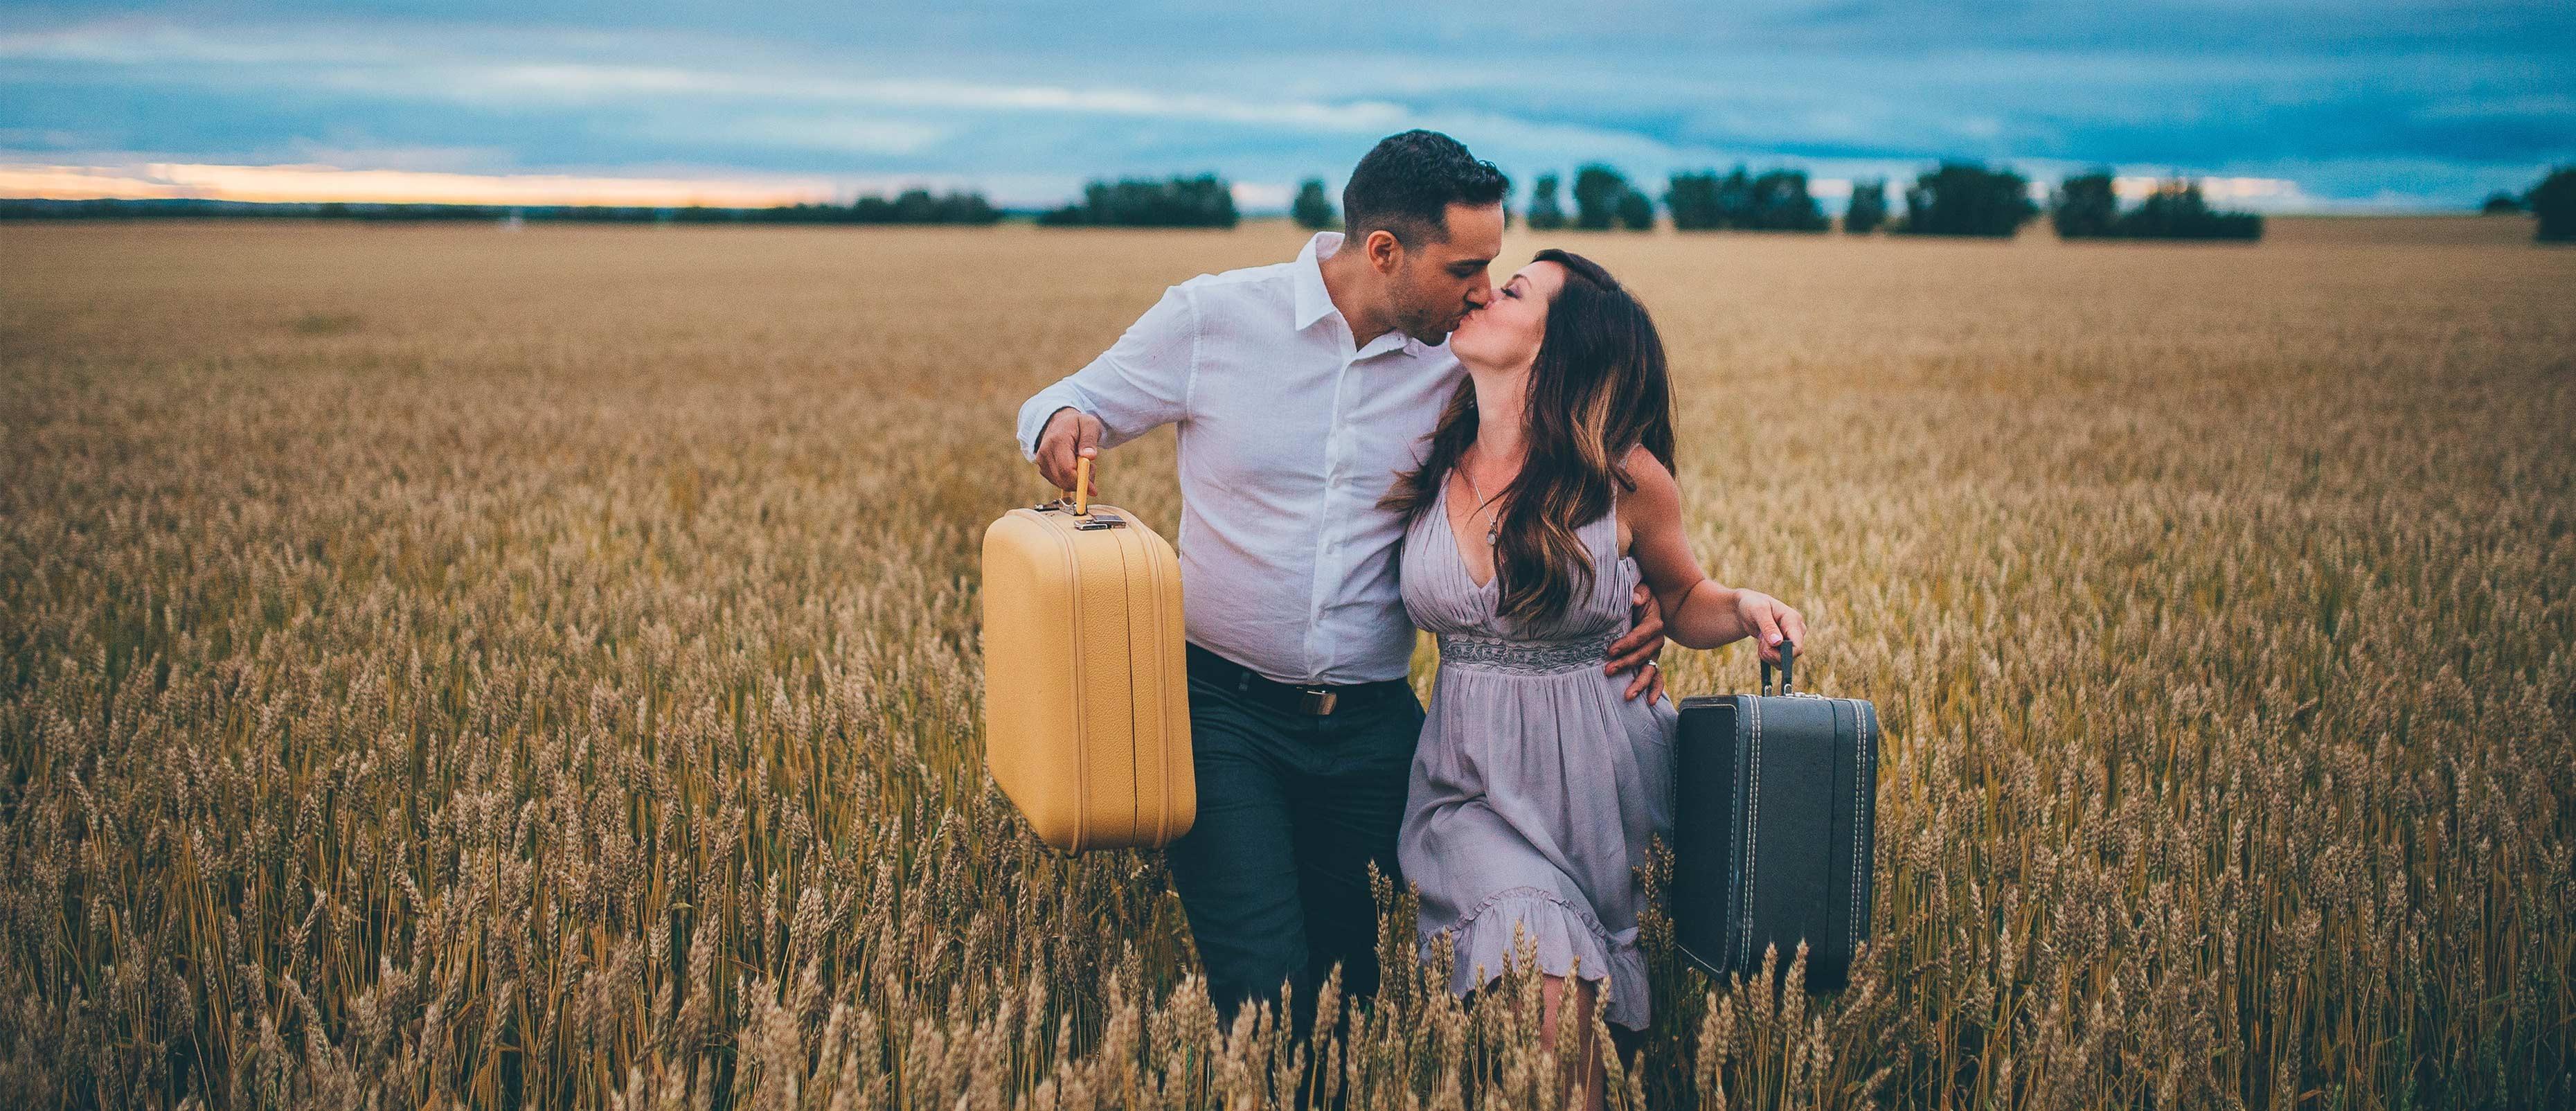 Siya Zarrabi et Kristen Jacobsen s'embrassent dans un champ.